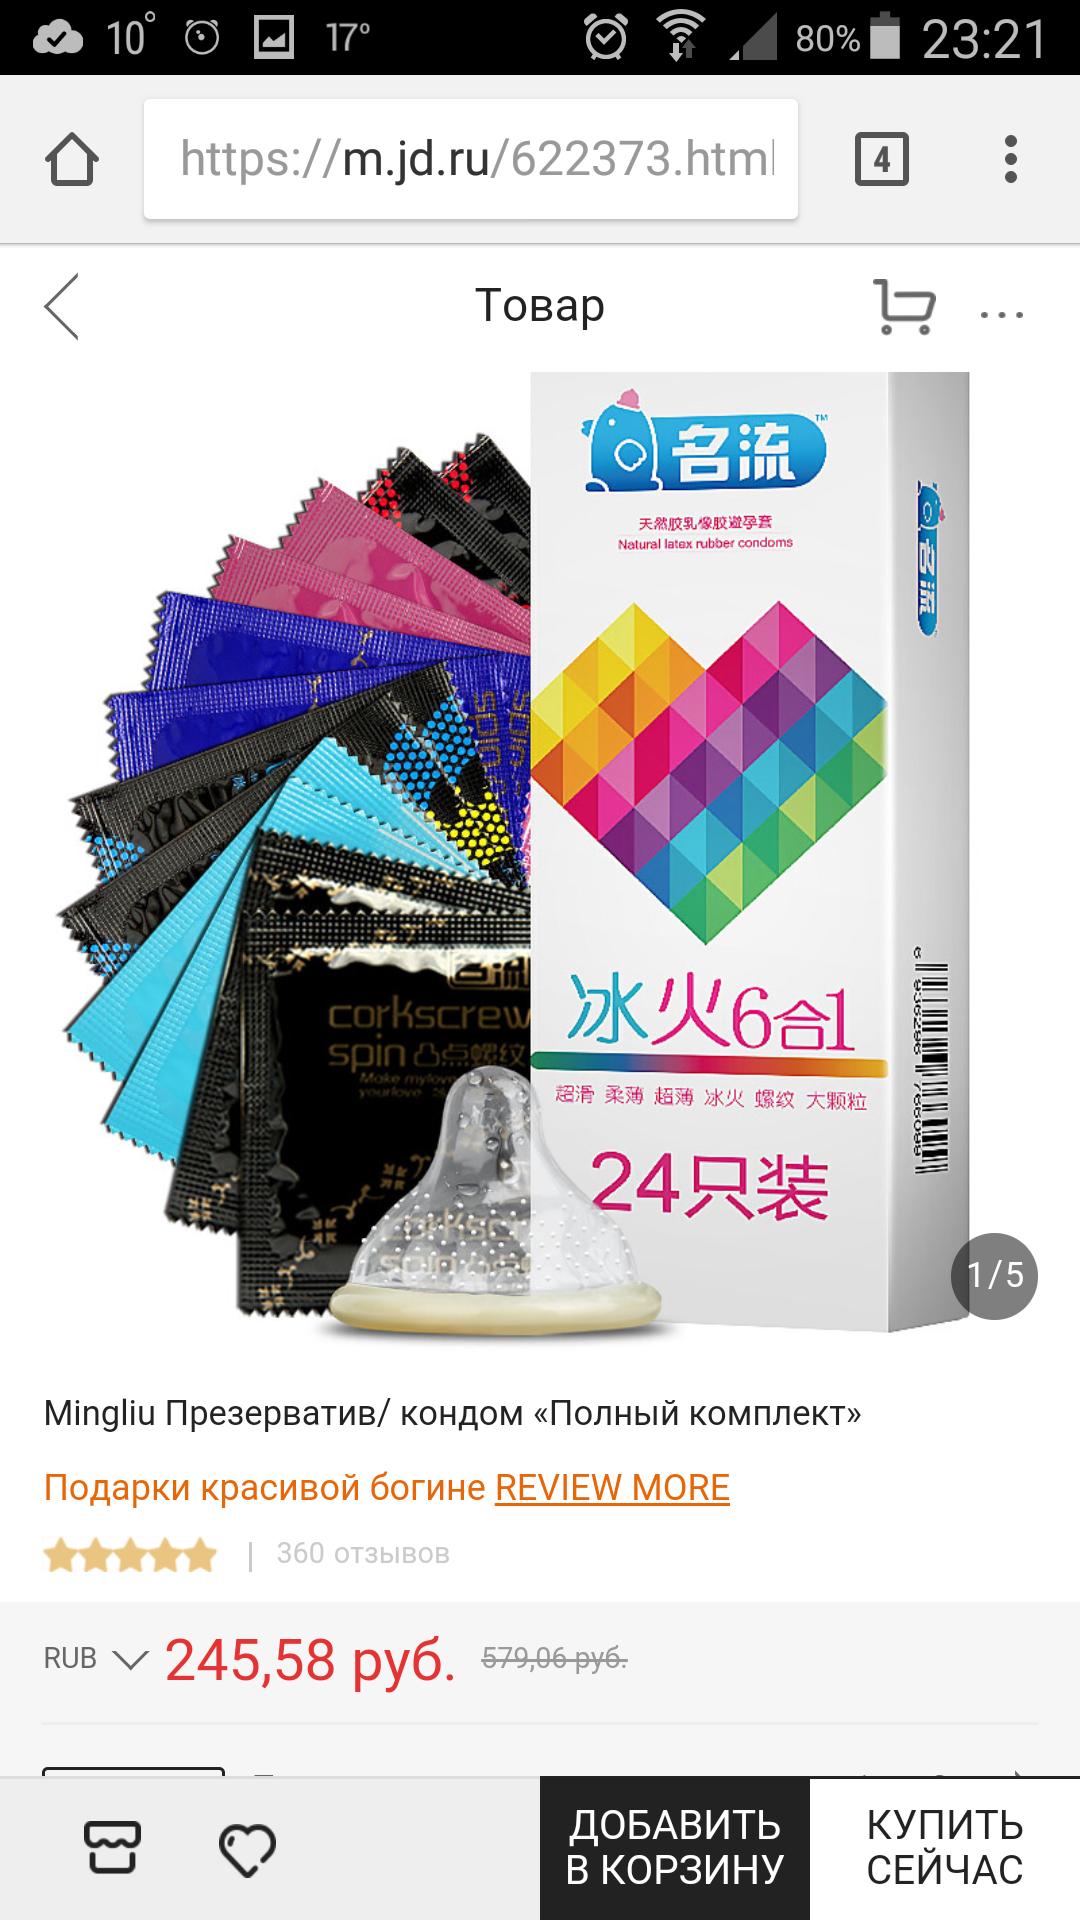 Подсмотренный презервативы со вкусом купить спб вещи вагине две